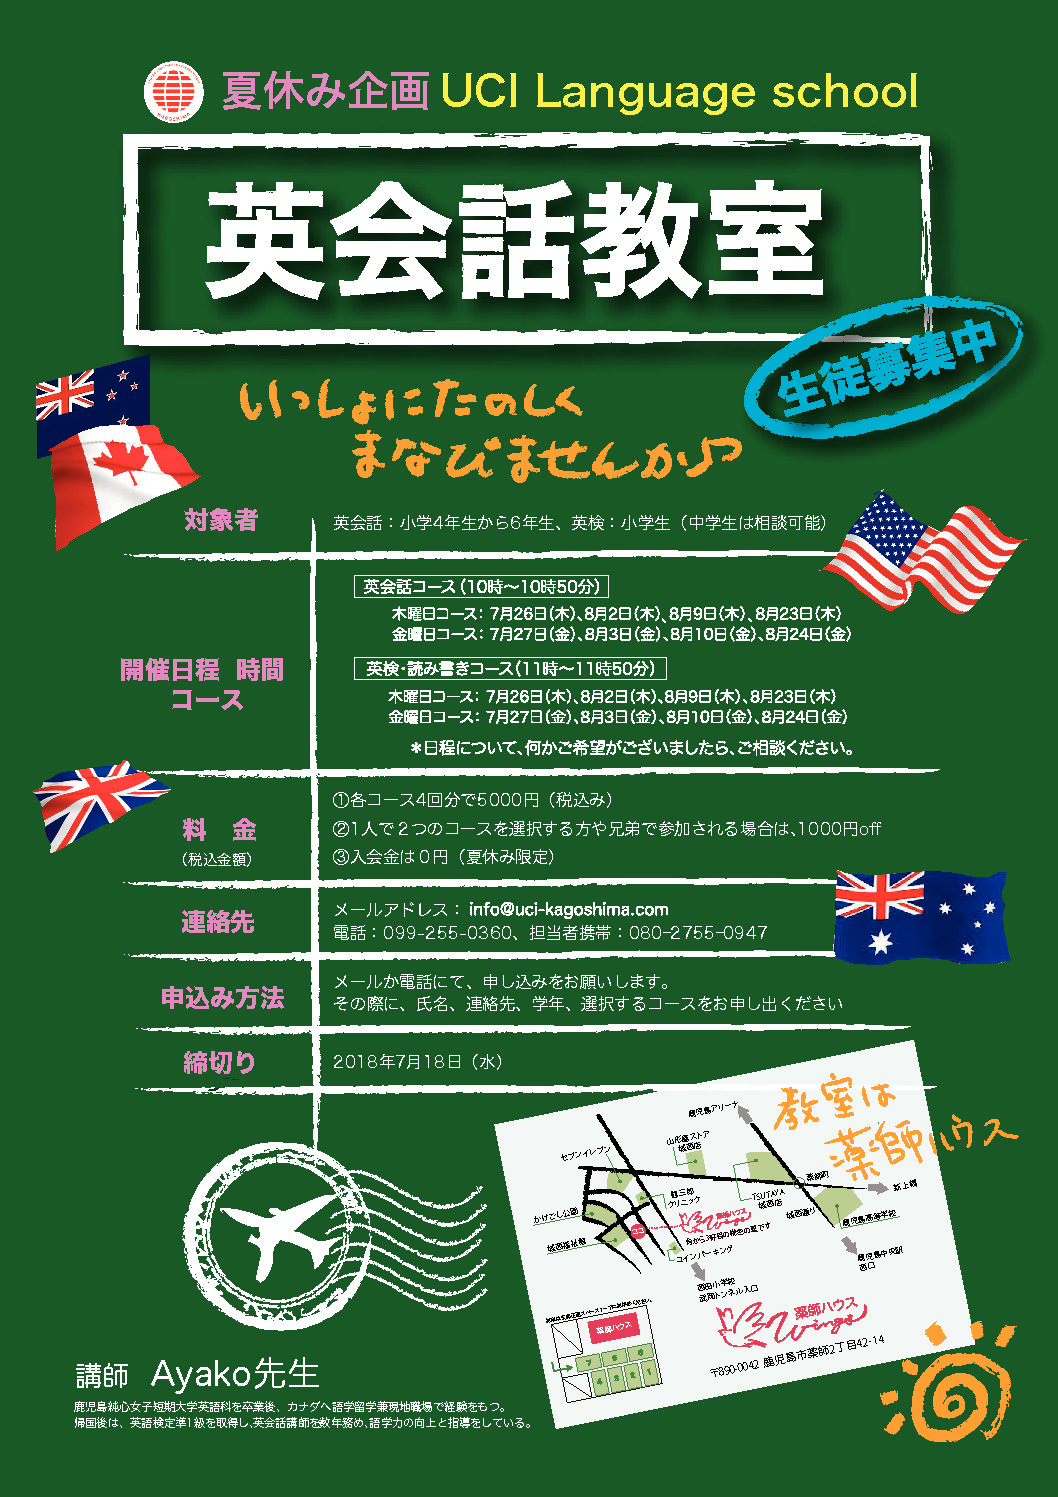 夏休み企画UCI Language school 英会話&英検・読み書き教室の開催